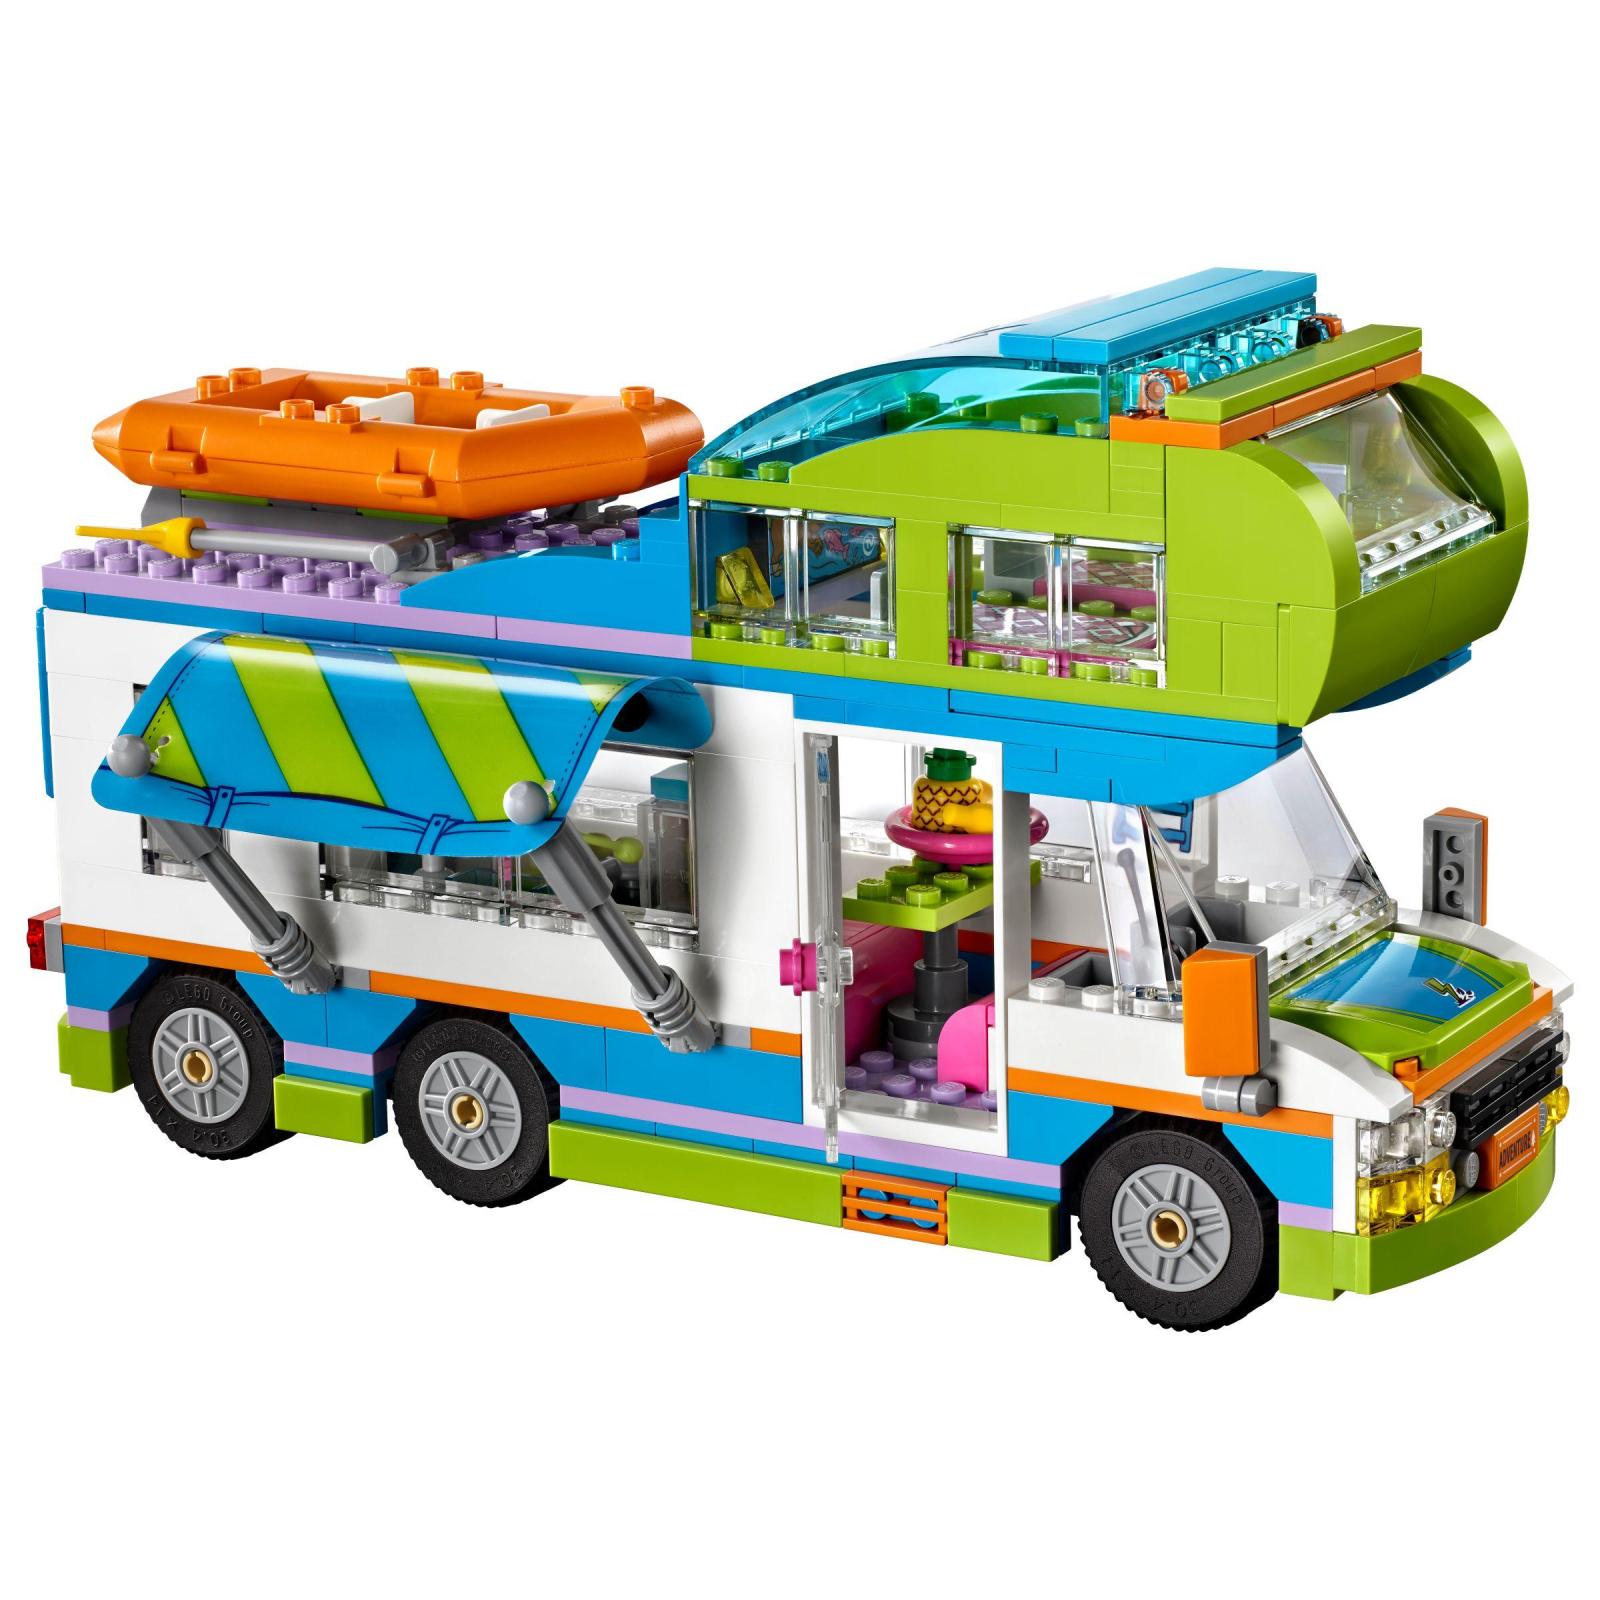 Конструктор LEGO Friends Дом на колесах Мии (41339) изображение 3